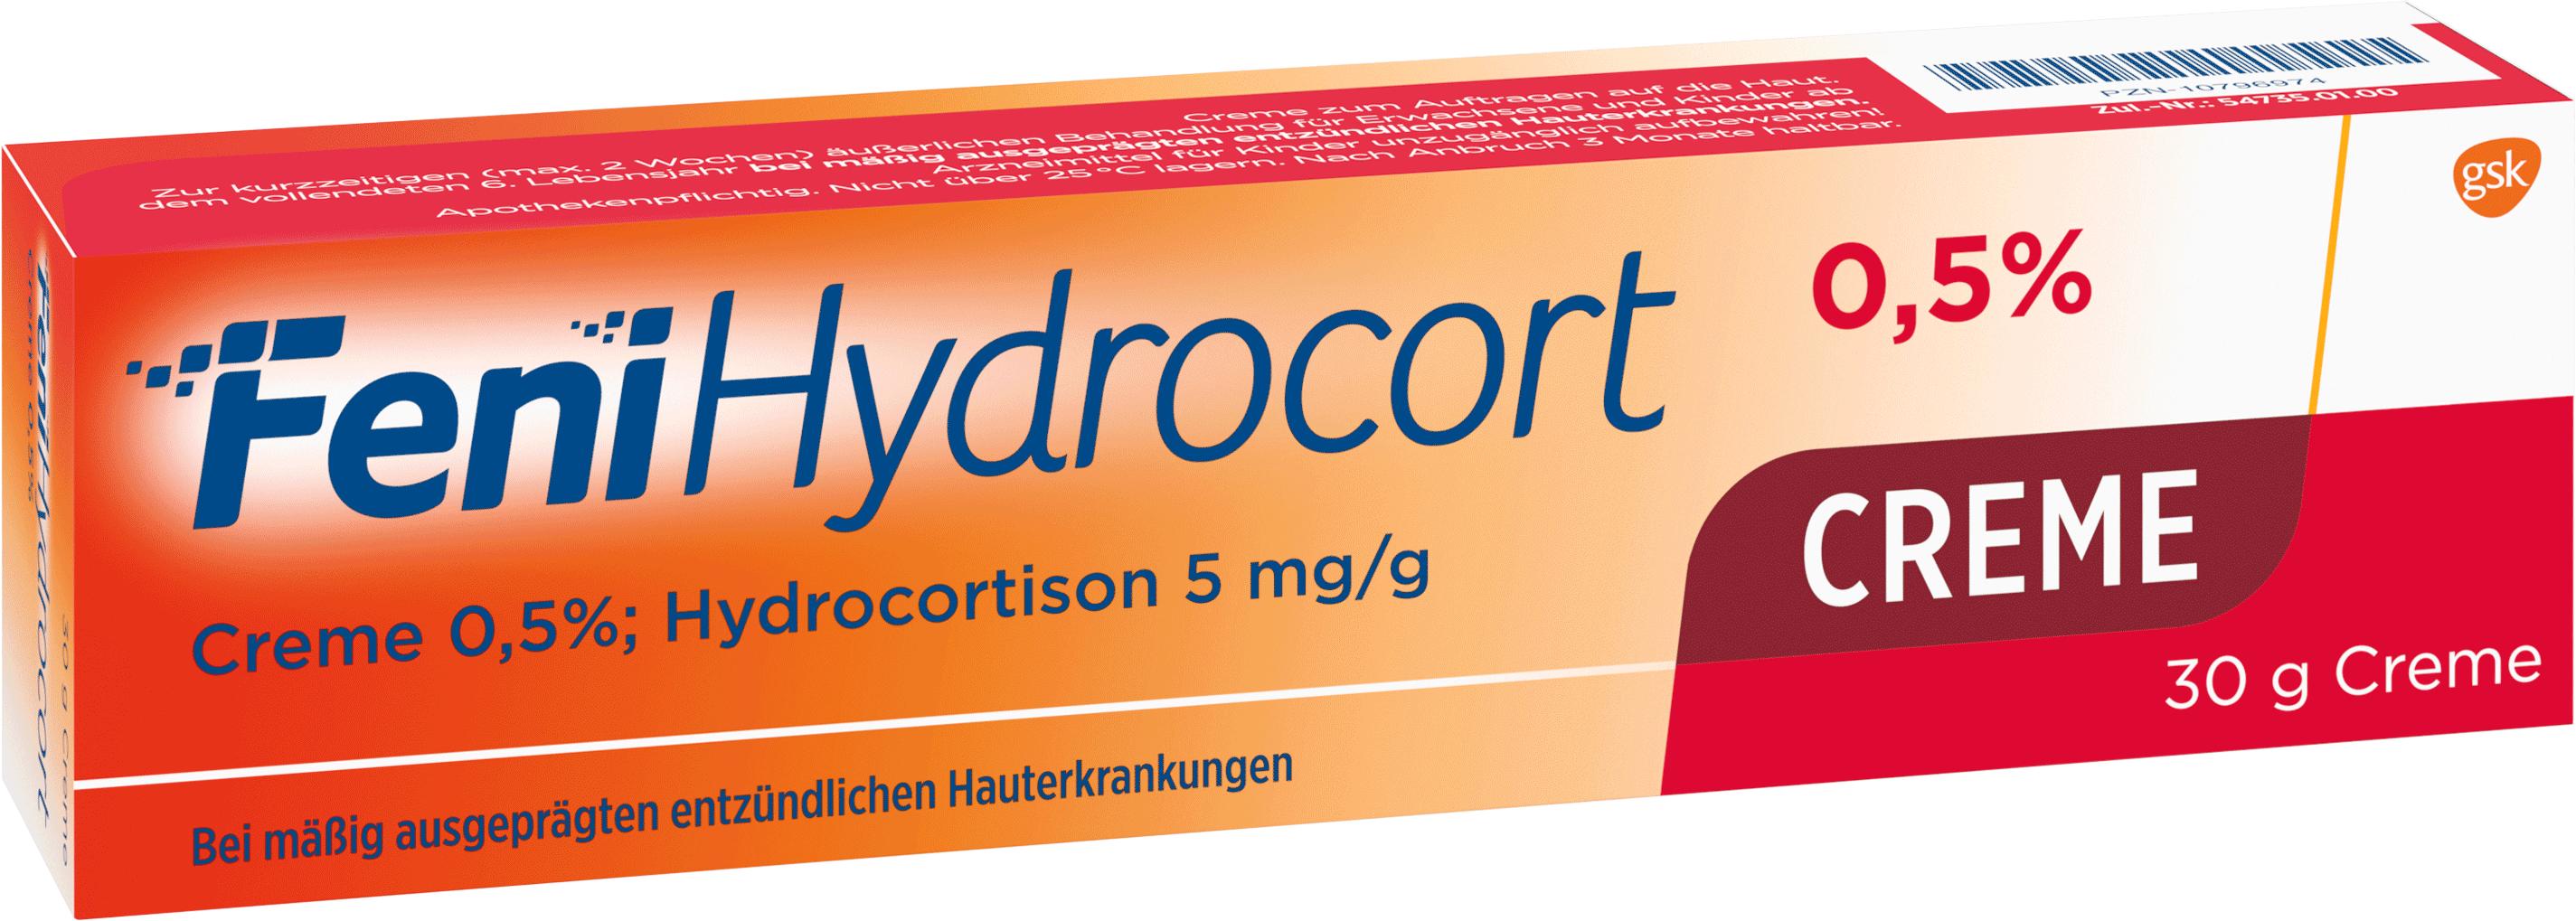 FeniHydrocort Creme 0.5%